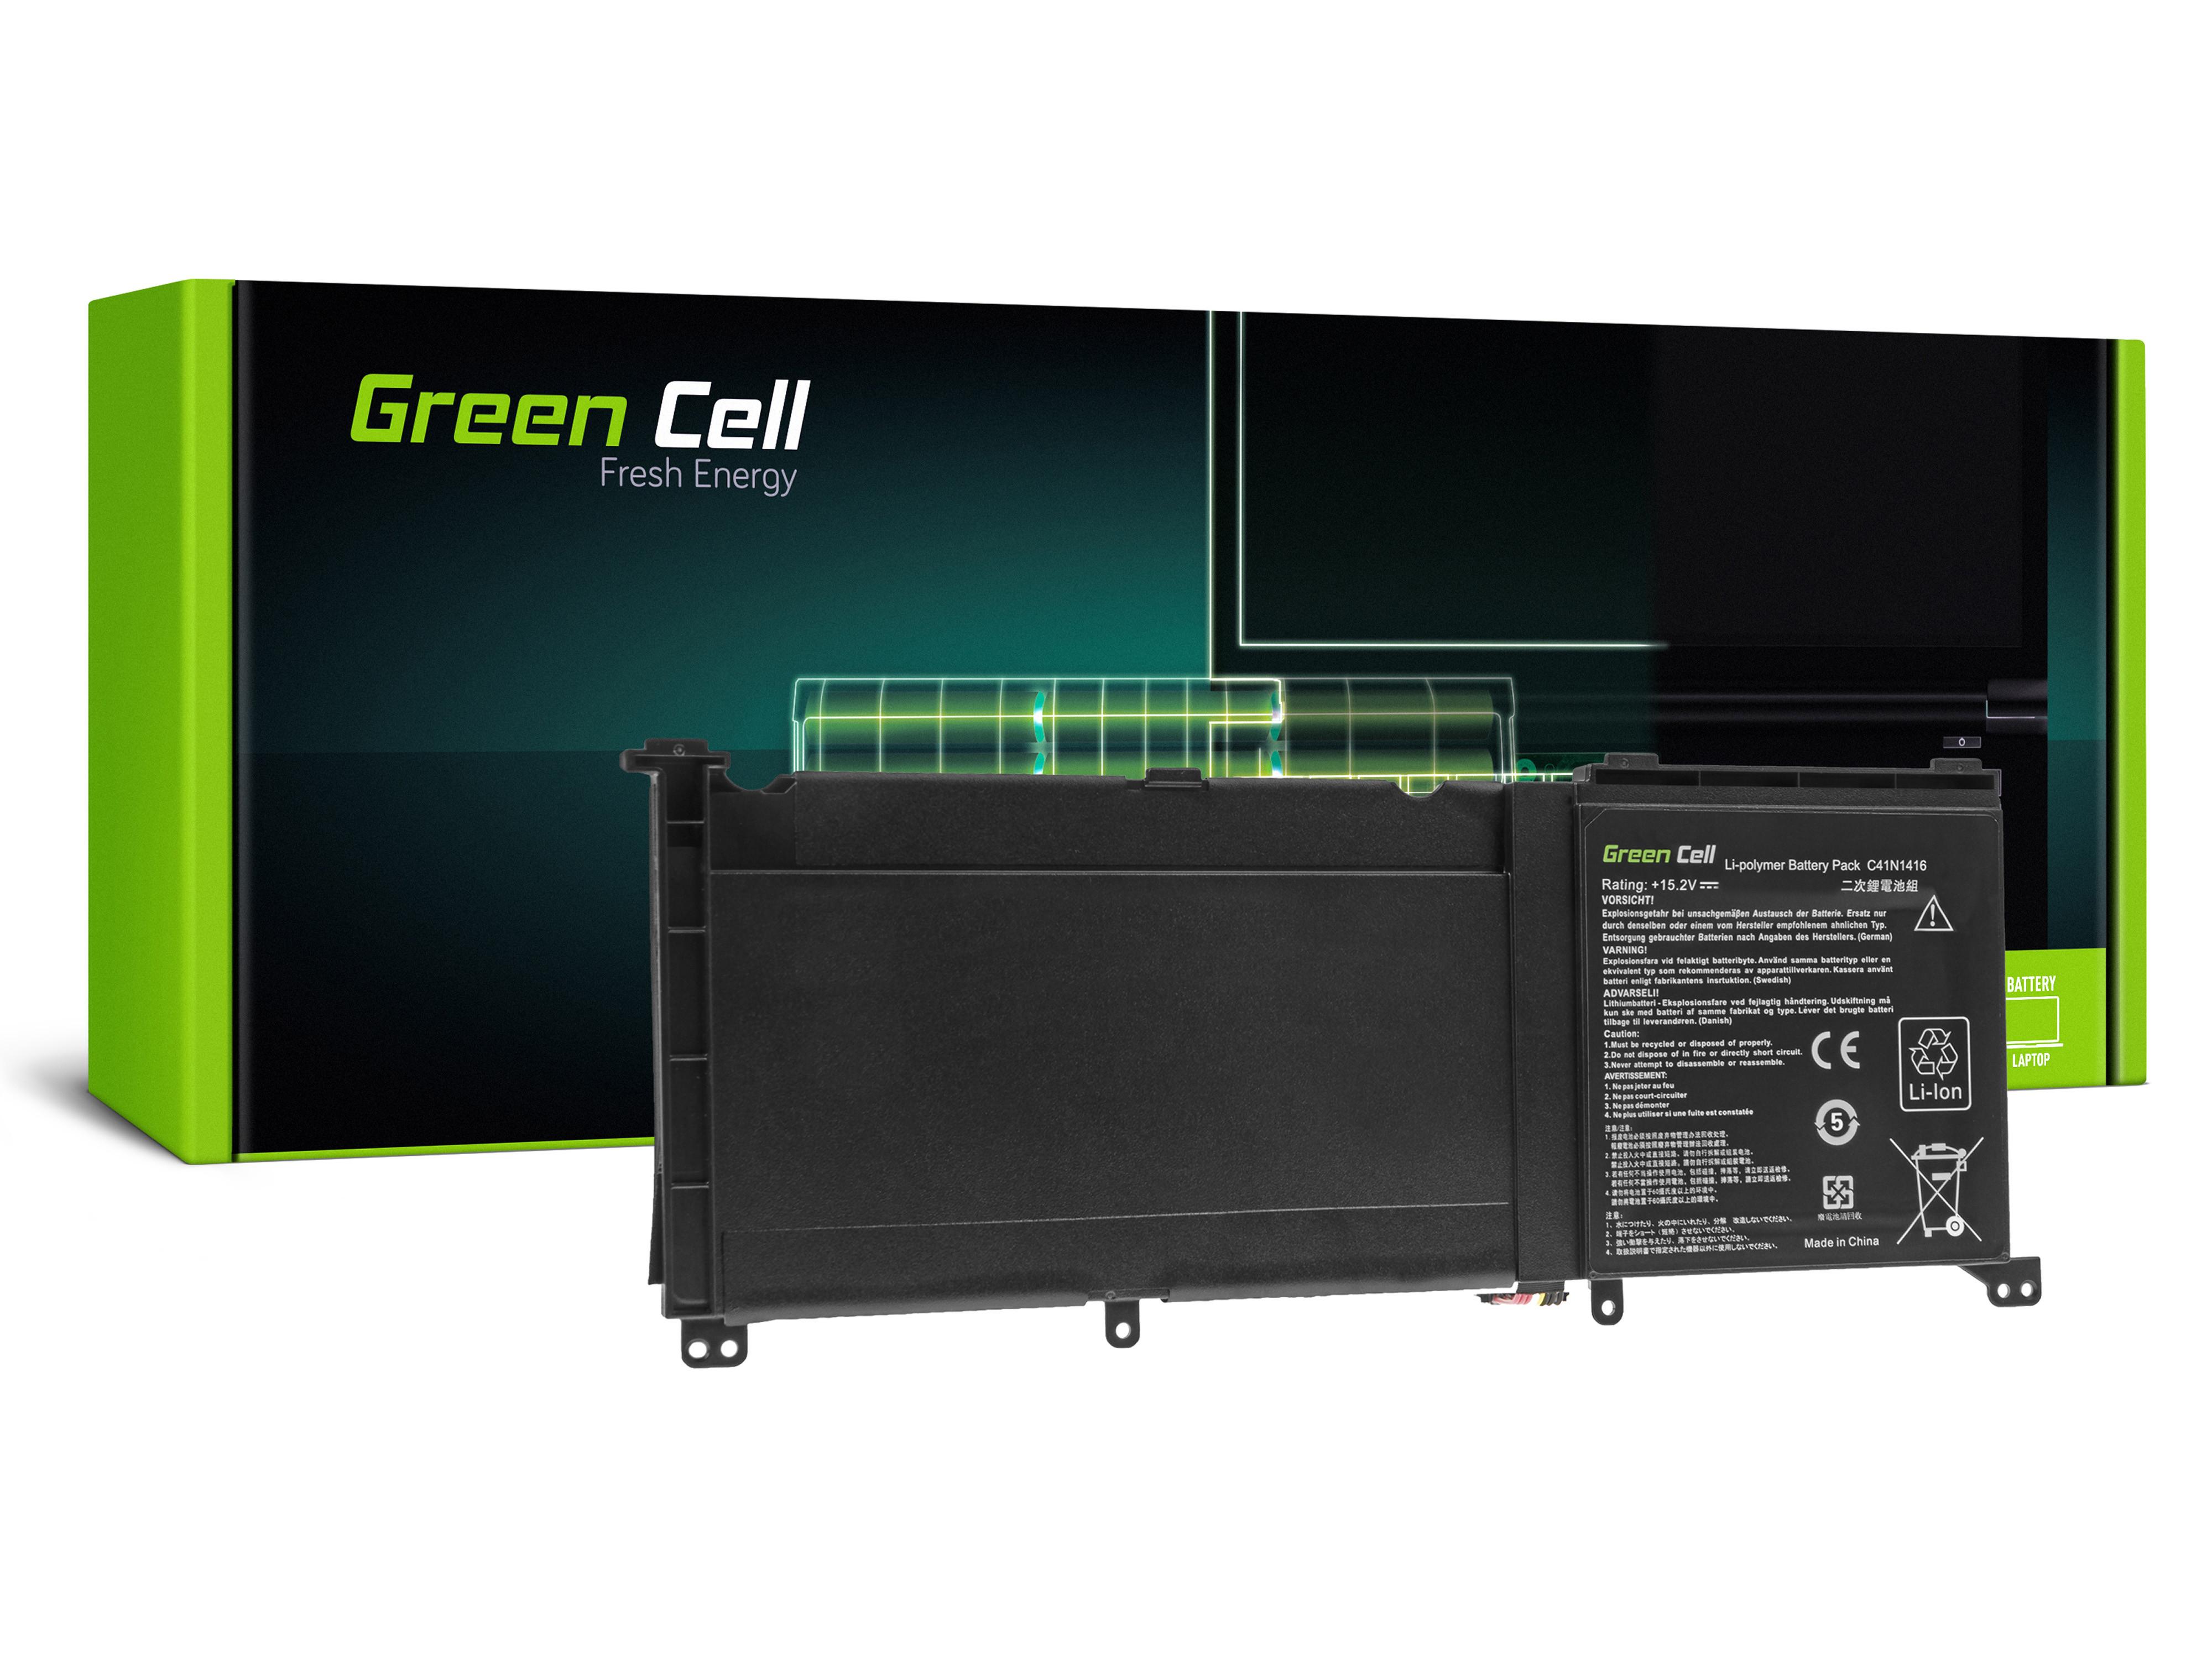 Green Cell C41N1416 Baterie pro Asus G501J G501JW G501V G501VW Asus ZenBook Pro UX501 UX501J UX501JW UX501V UX501VW / 15,2V 3950